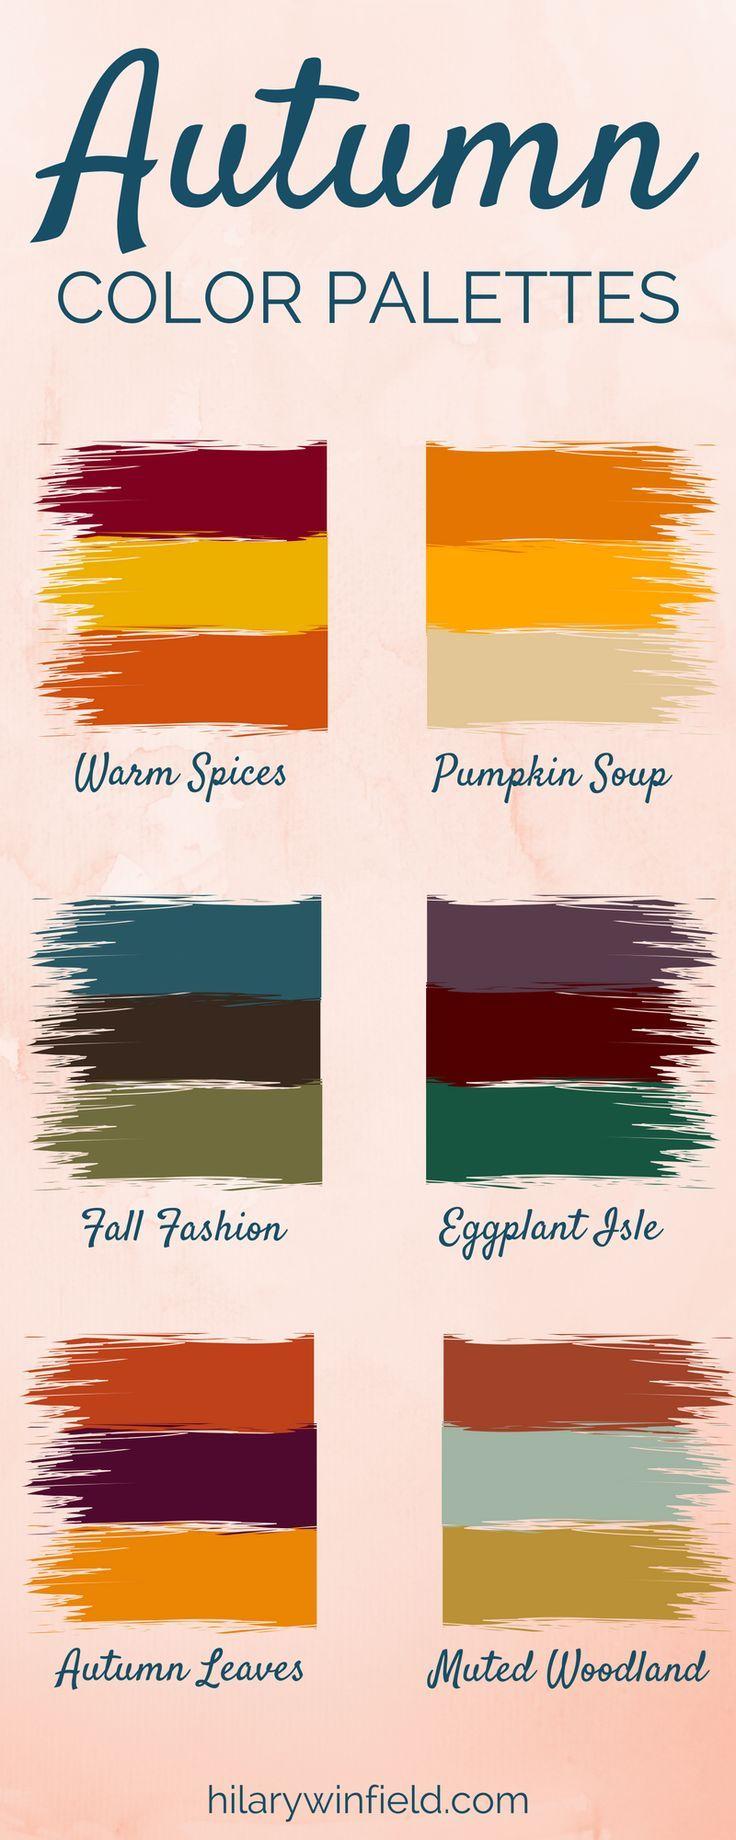 My Favorite Autumn Color Palettes